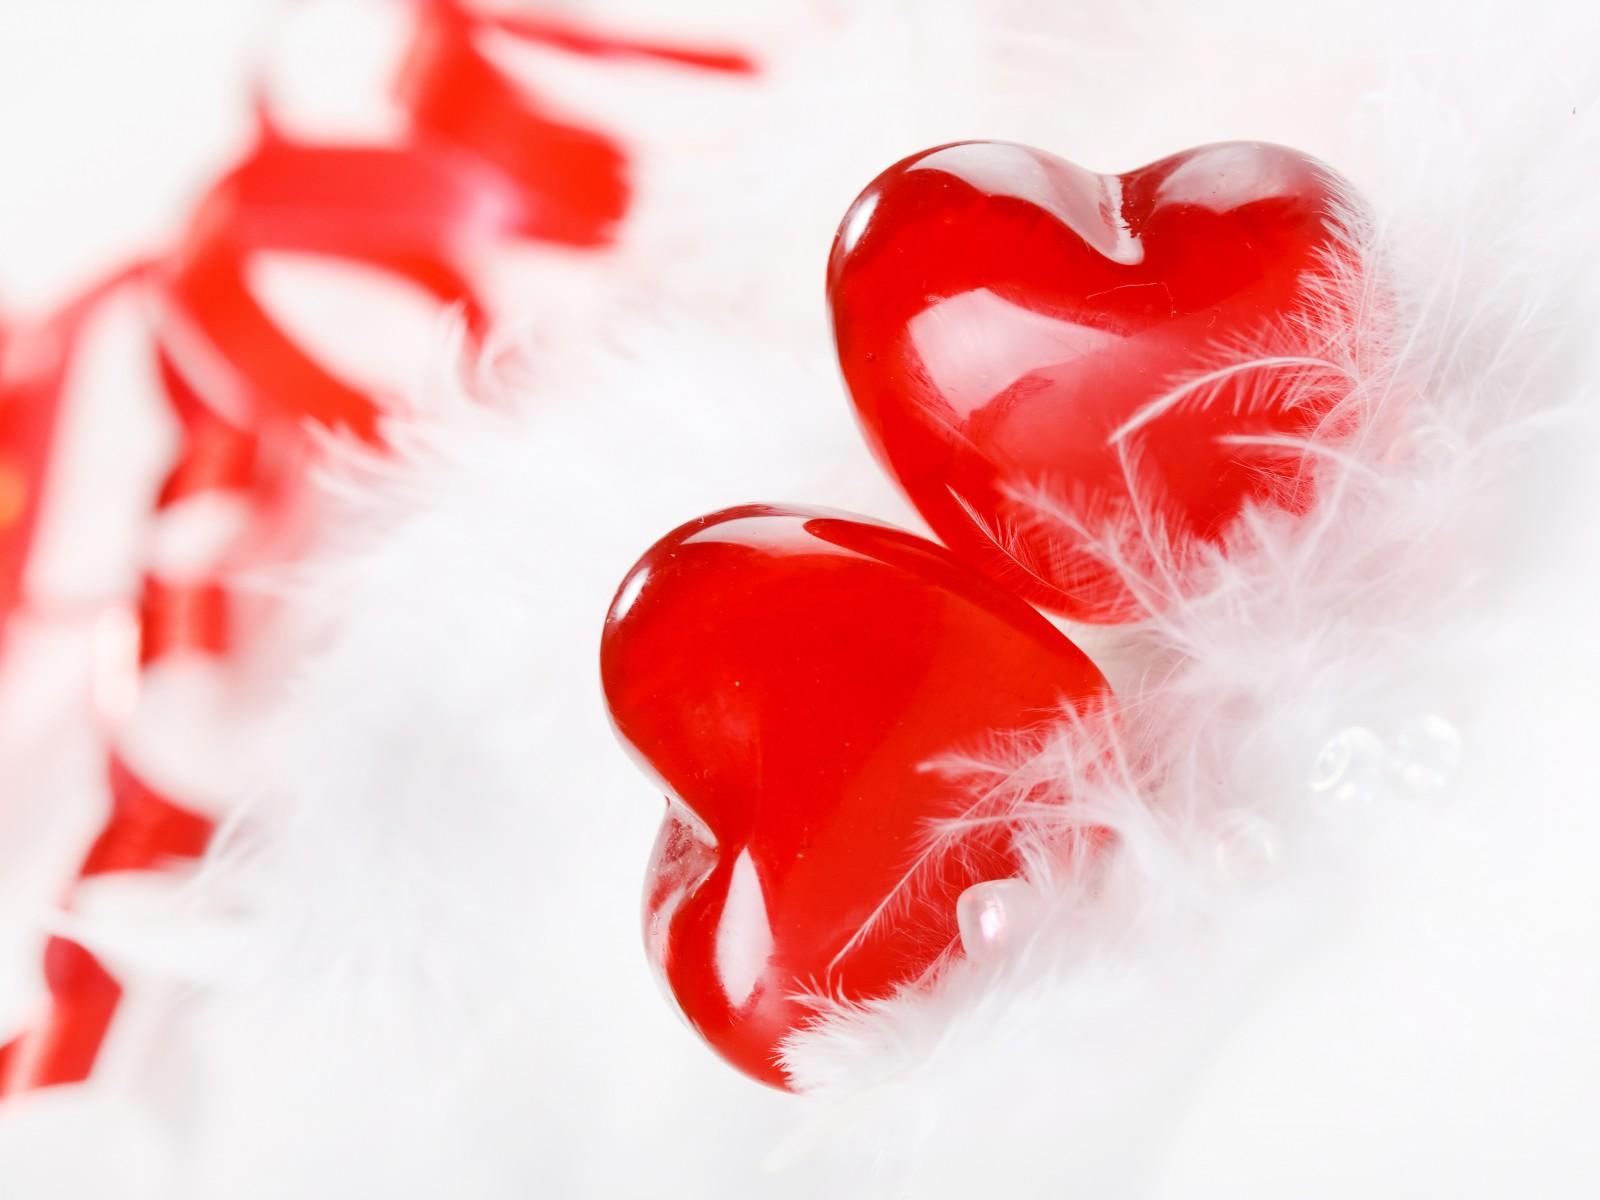 Анимация картинка, открытка с сердцем и любовью